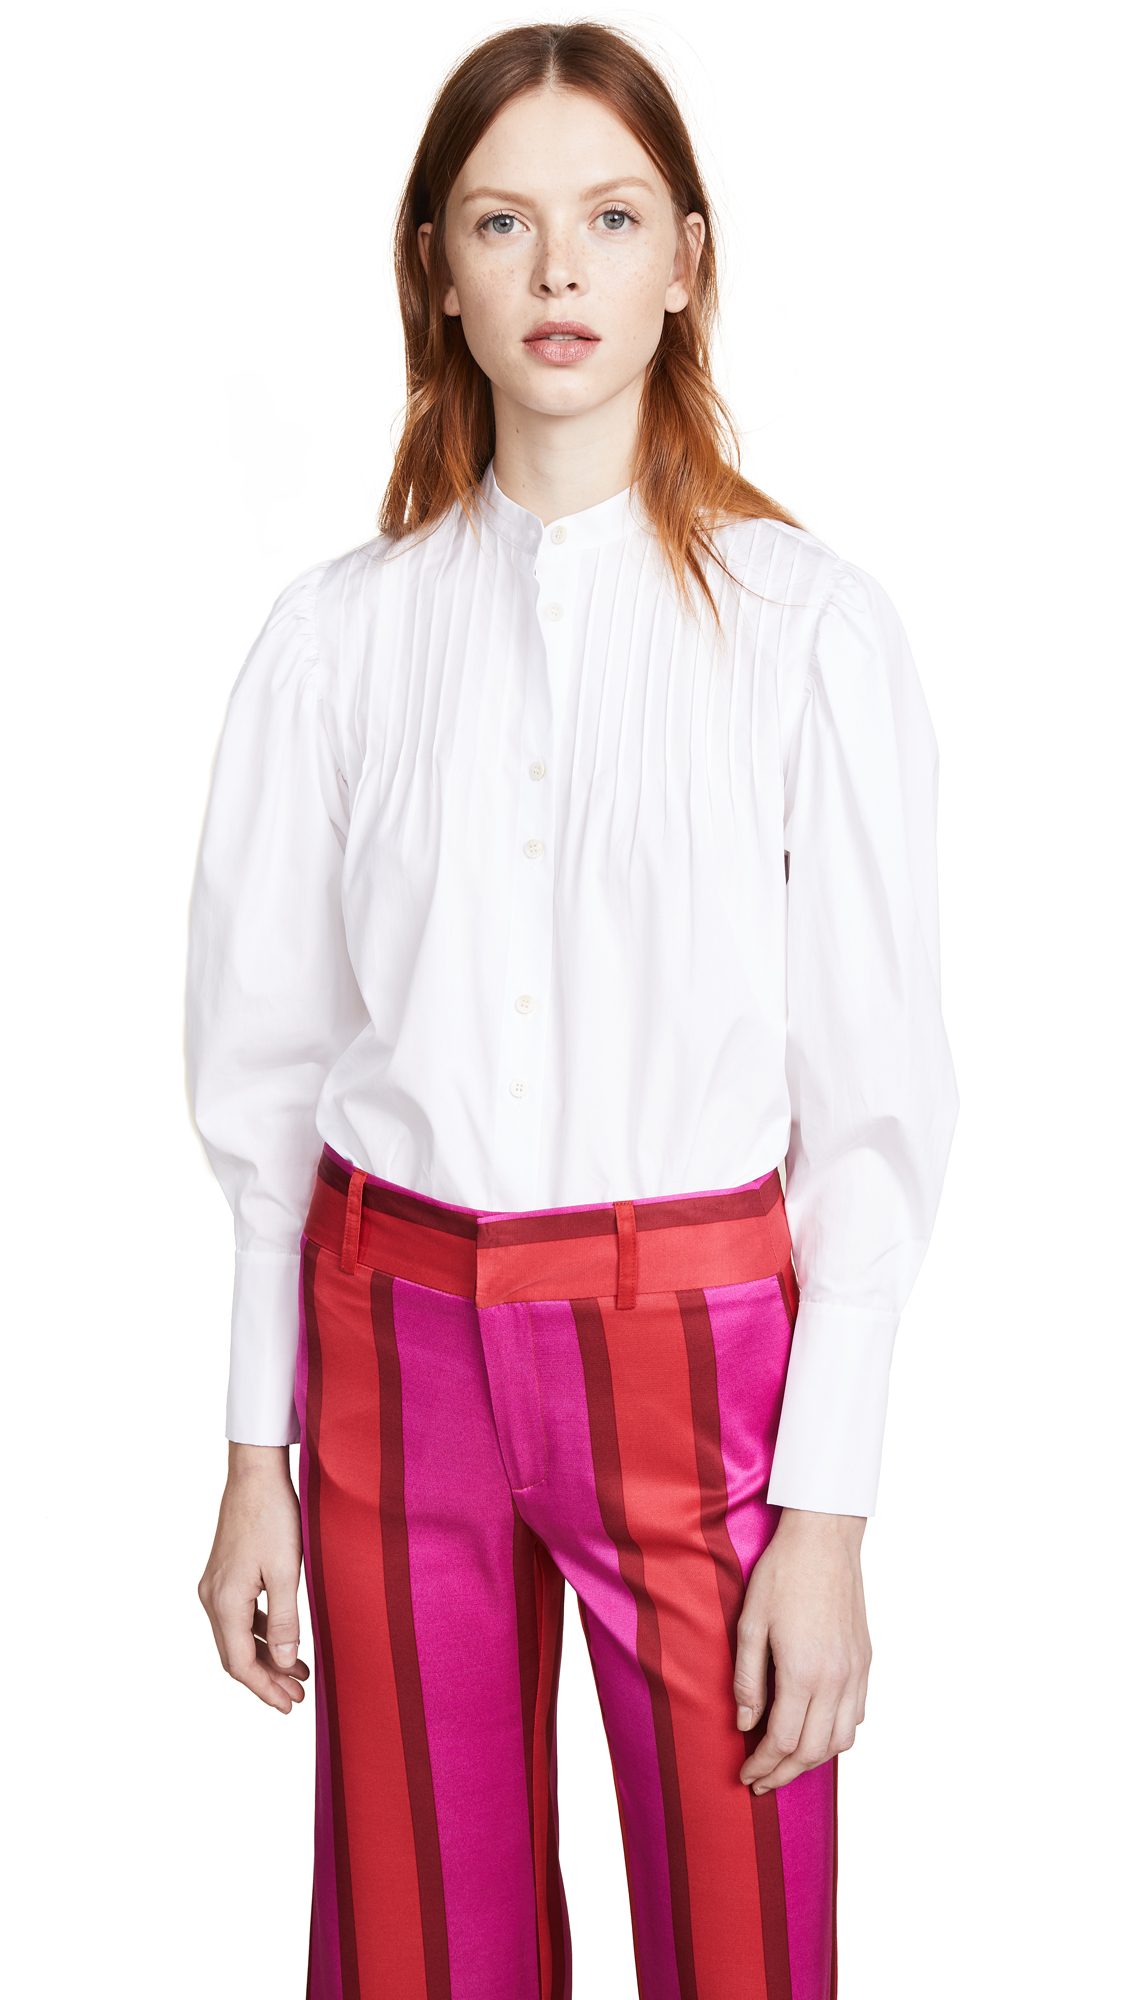 Diane von Furstenberg Pin Tuck Shirt - White